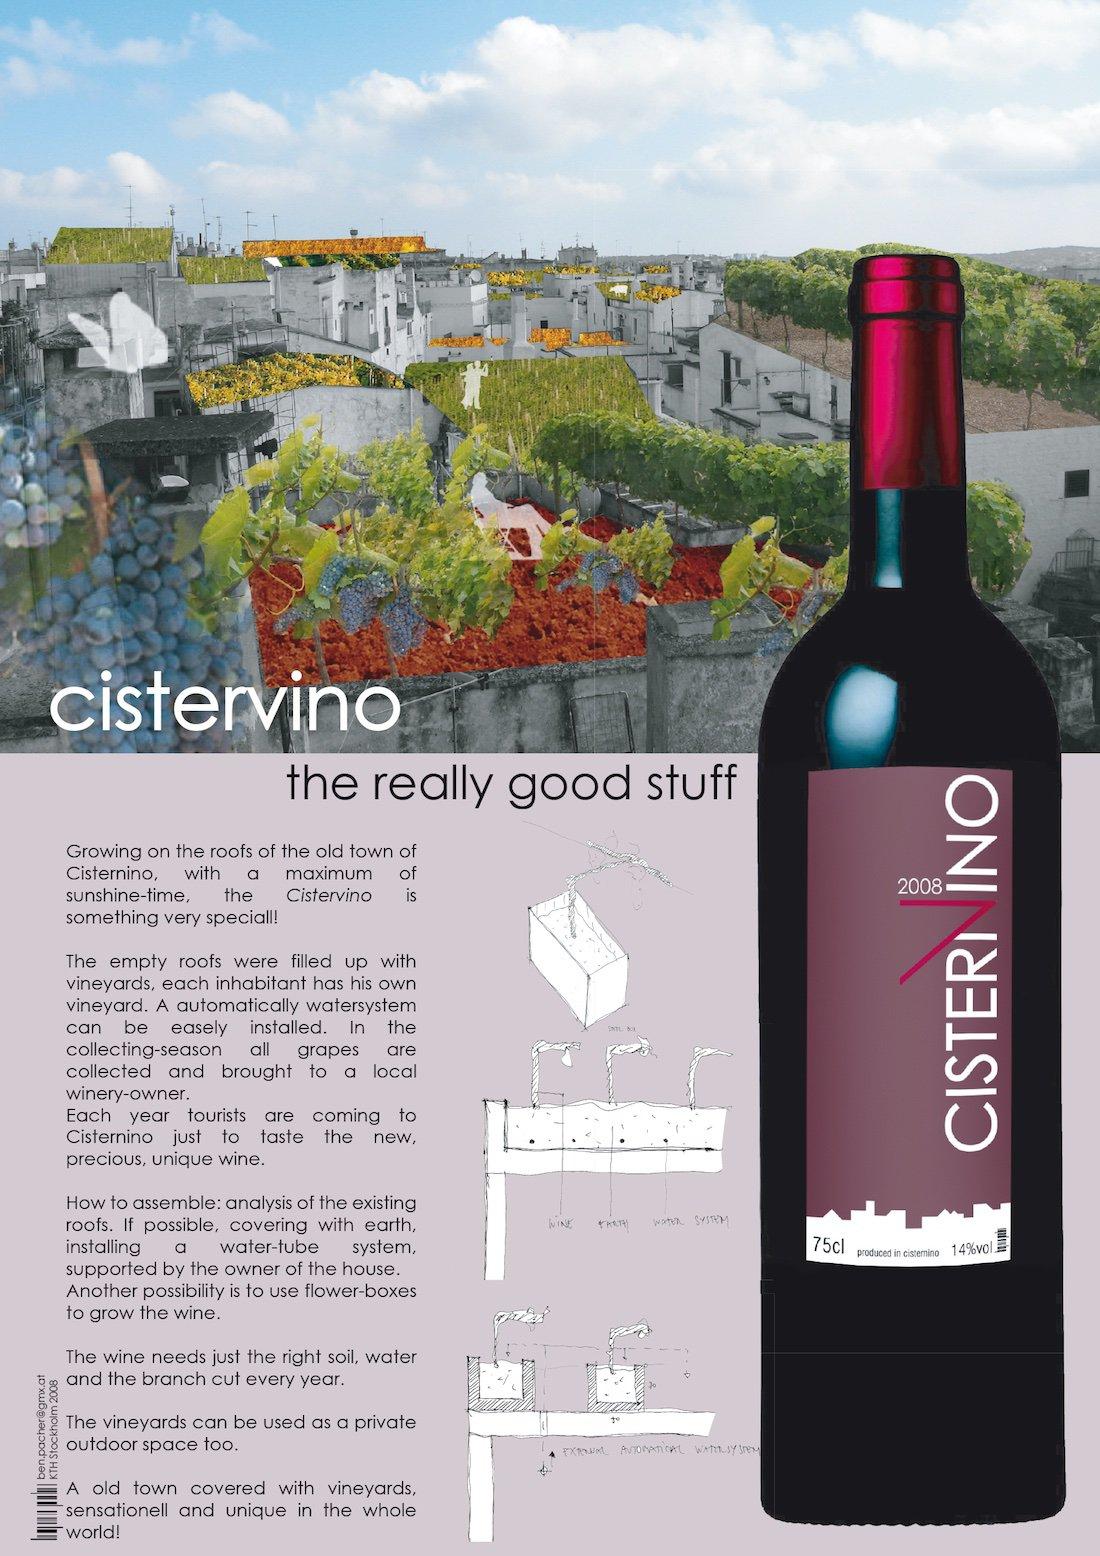 KTH_Cisternino 2008 05